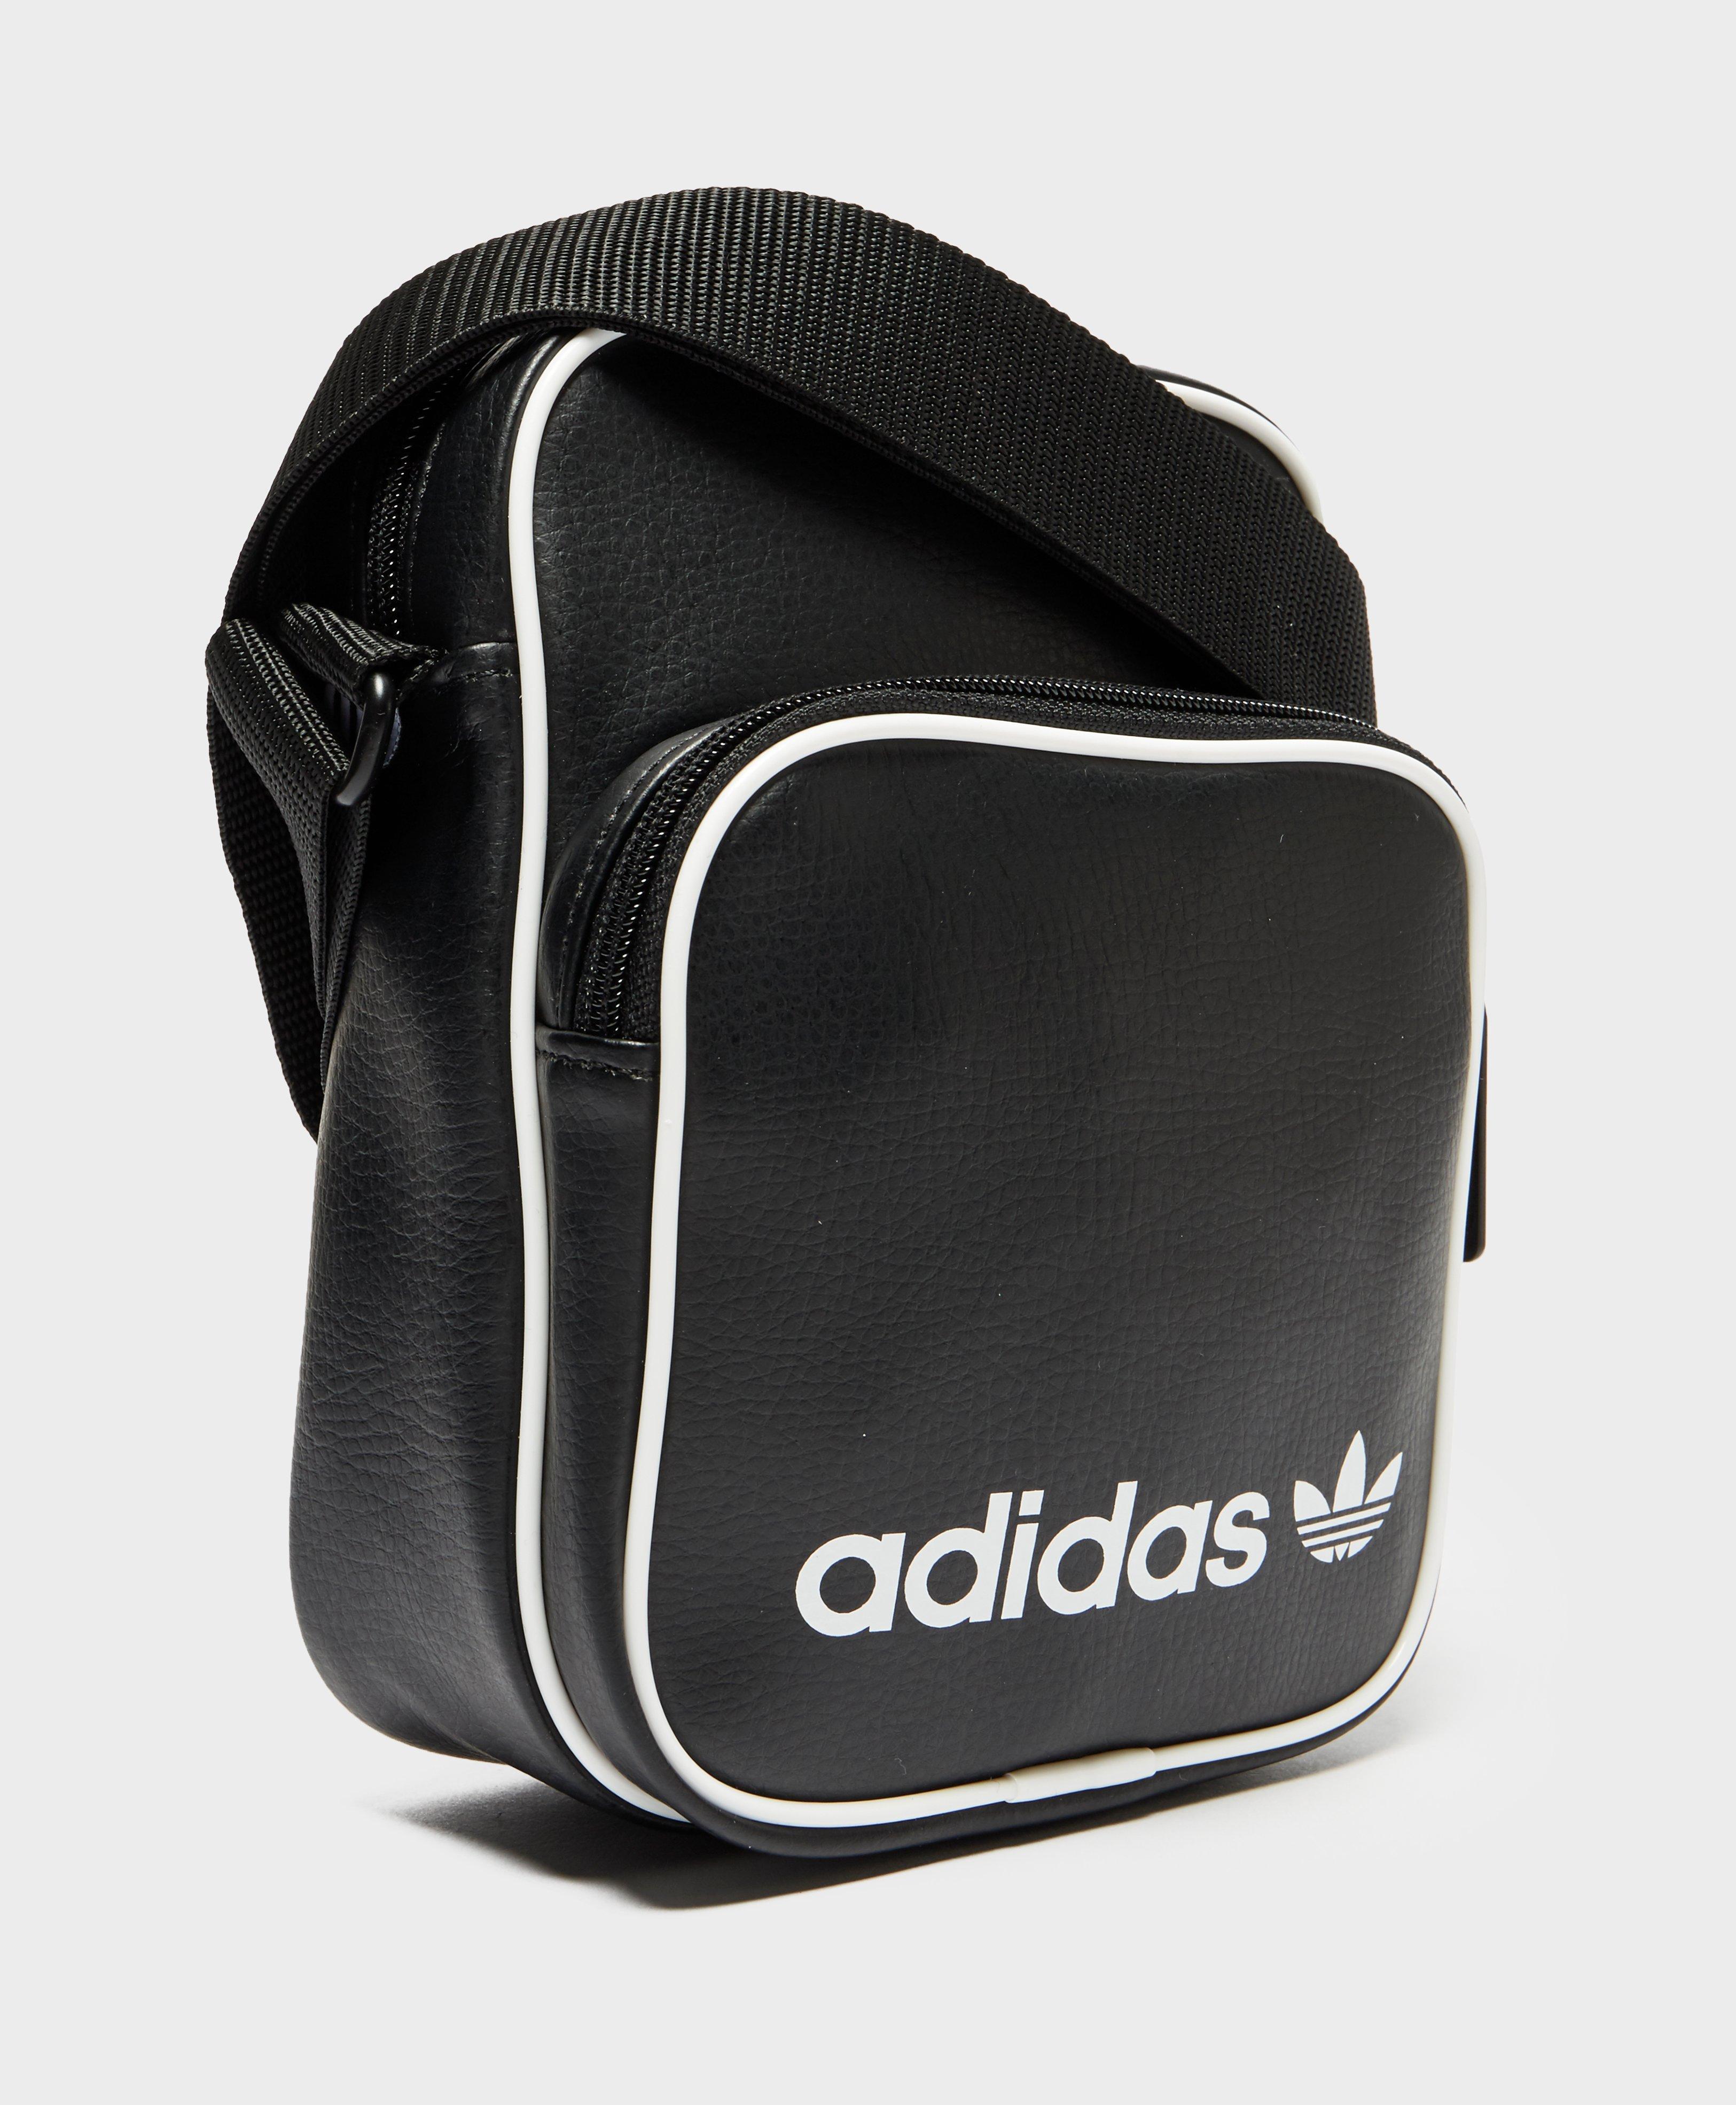 fb2a960a98 Lyst - Adidas Originals Cross Body Bag in Black for Men